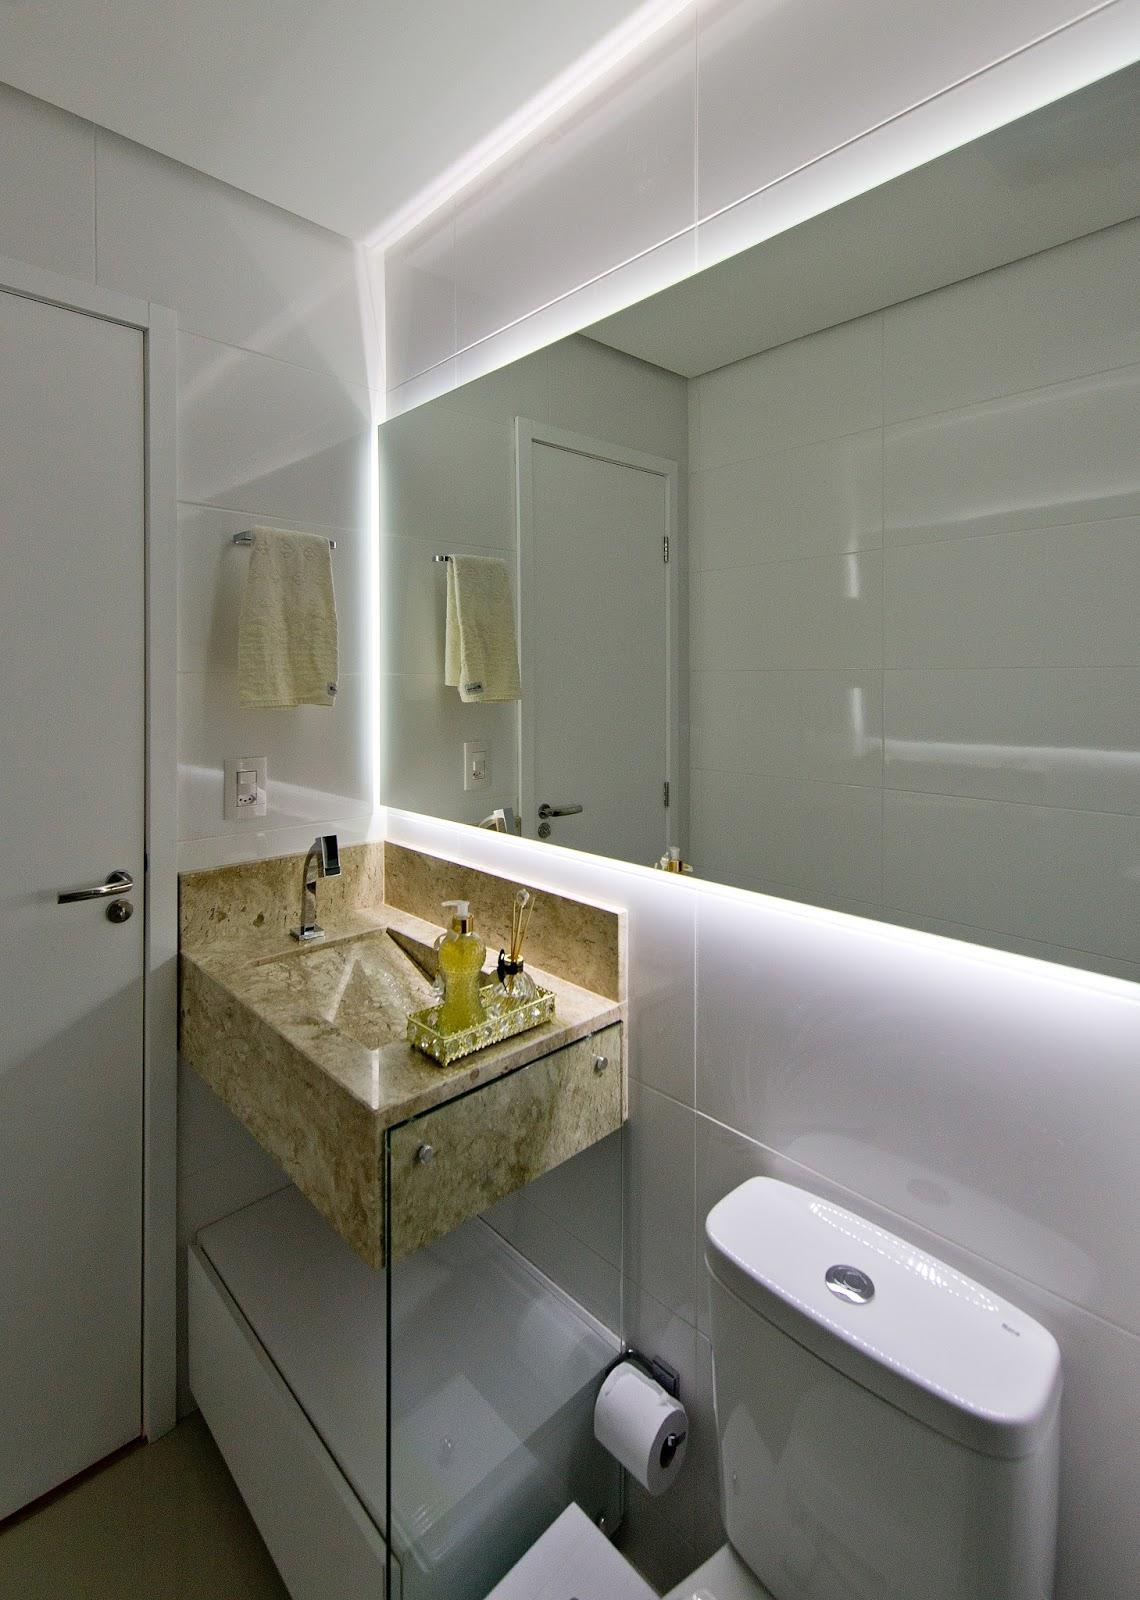 #595136  Amplia Espaços e Transforma Apartamento Compacto em Grande Lar 1140x1600 px projeto banheiro compacto